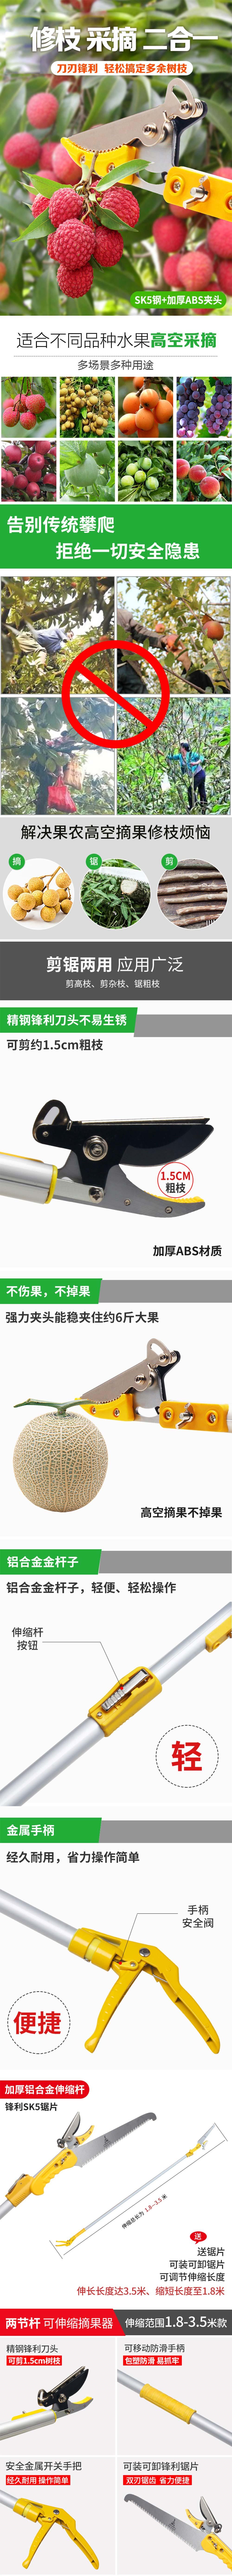 五羊3.0高空伸缩铝柄采果剪FS-57630-小.jpg